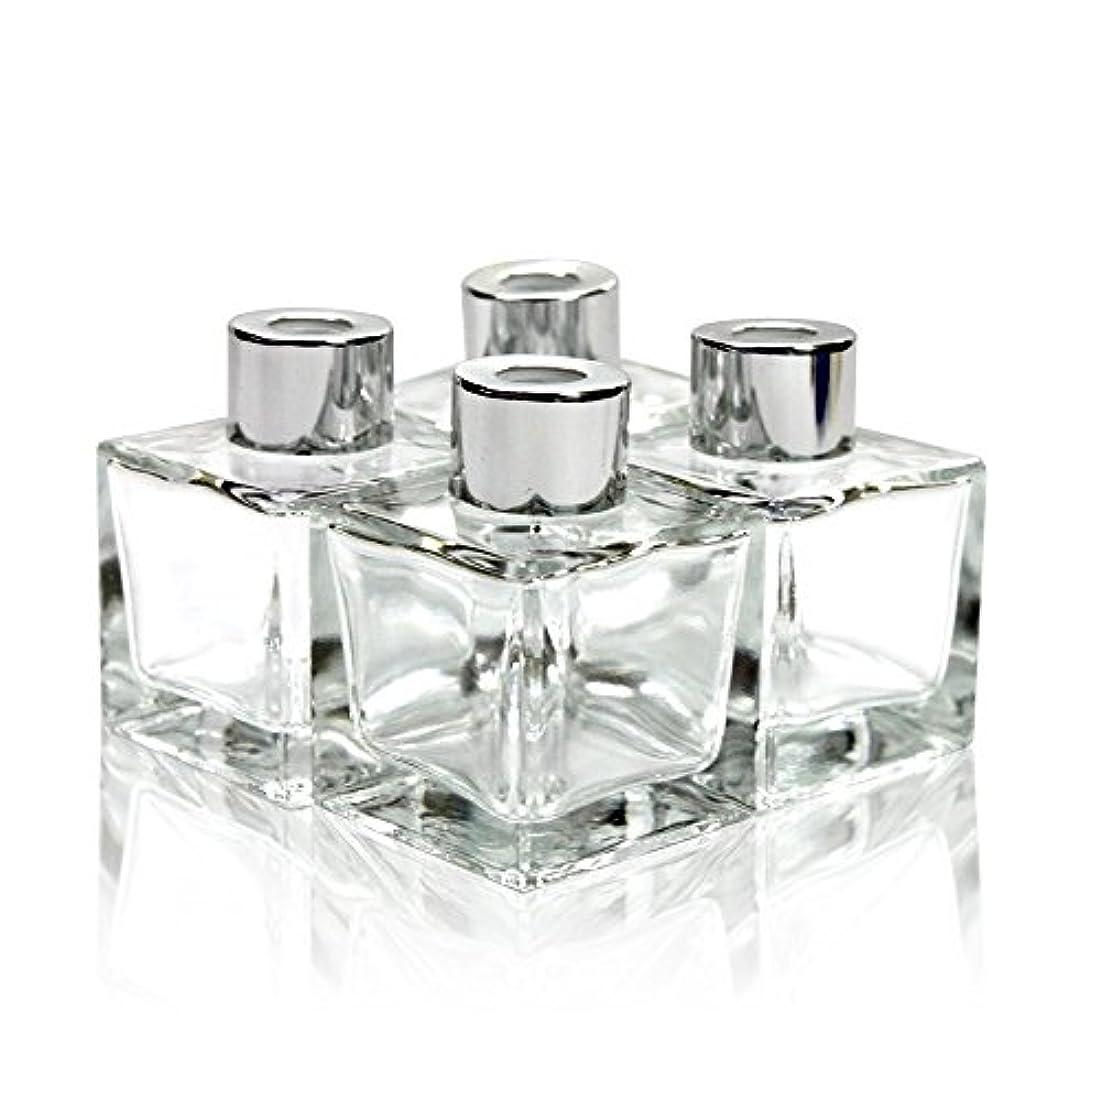 母性嫉妬九Feel Fragrance リードディフューザー用 リードディフューザーボトル 容器 透明 蓋付き 4本セット50ML方形 (GB-50)